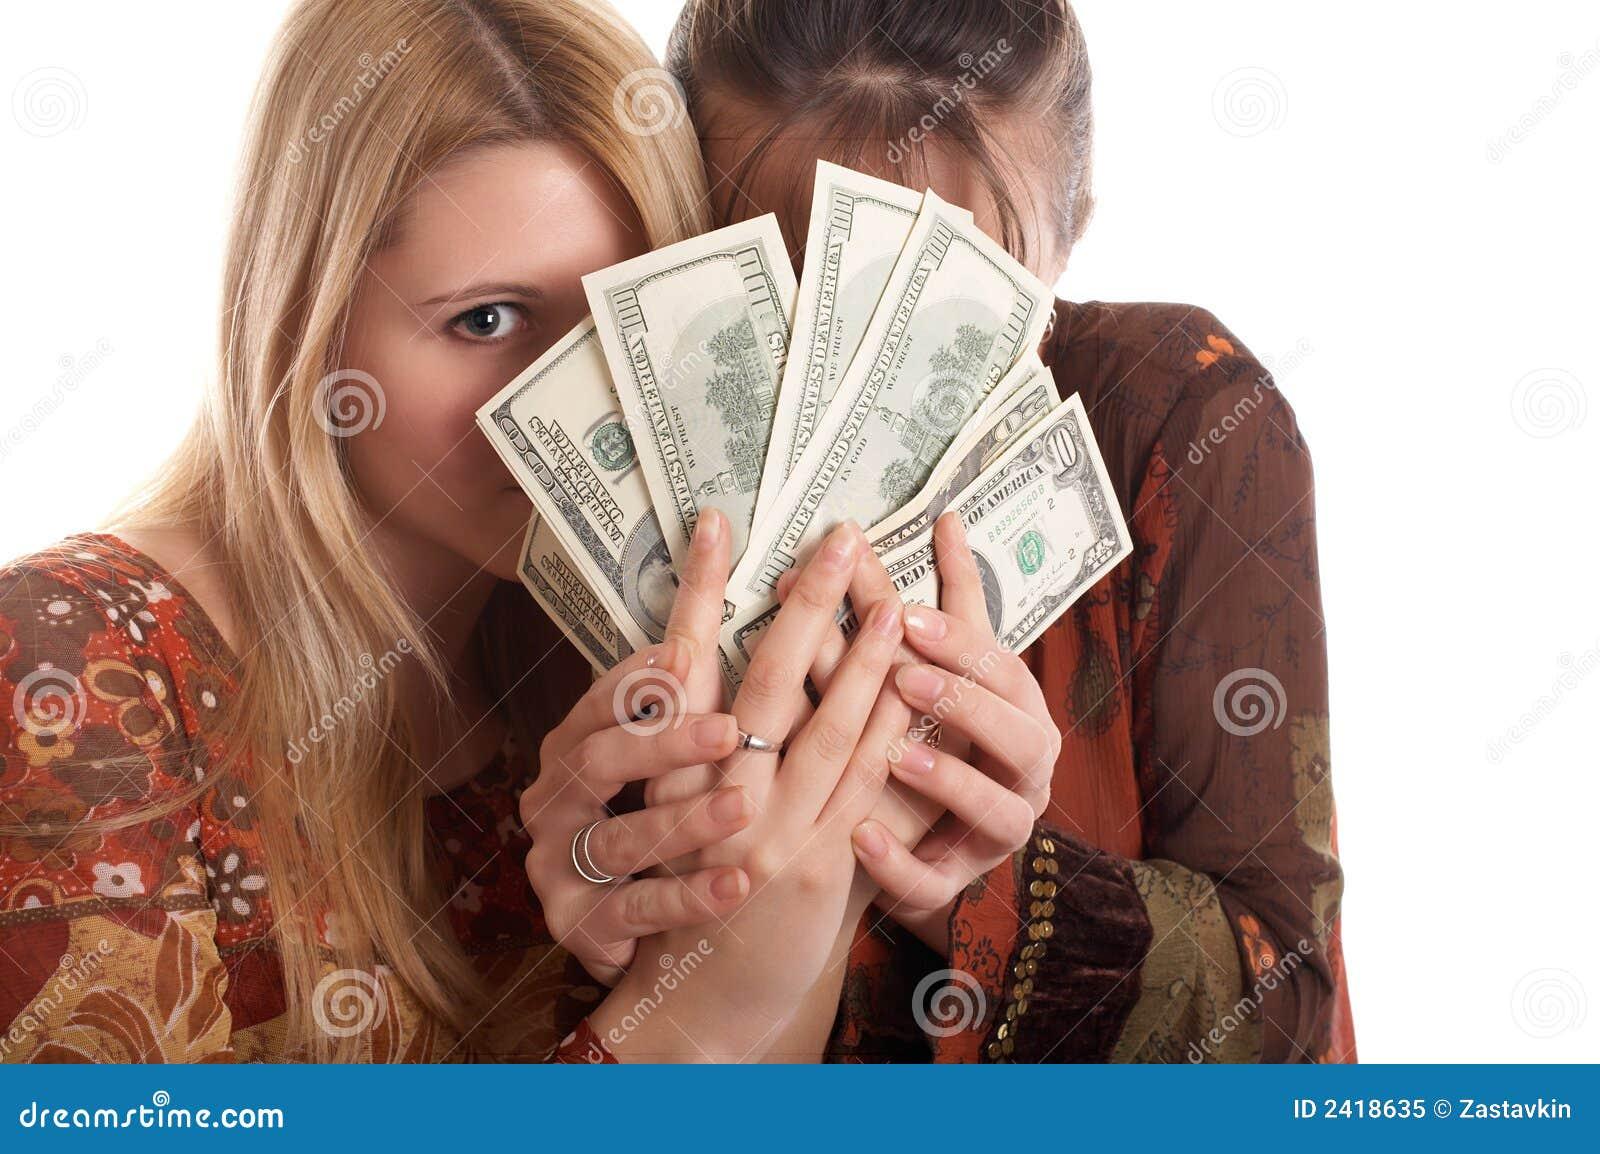 Снимают баб за деньги, Пикап порно. Парни подкатывают к девушкам 27 фотография